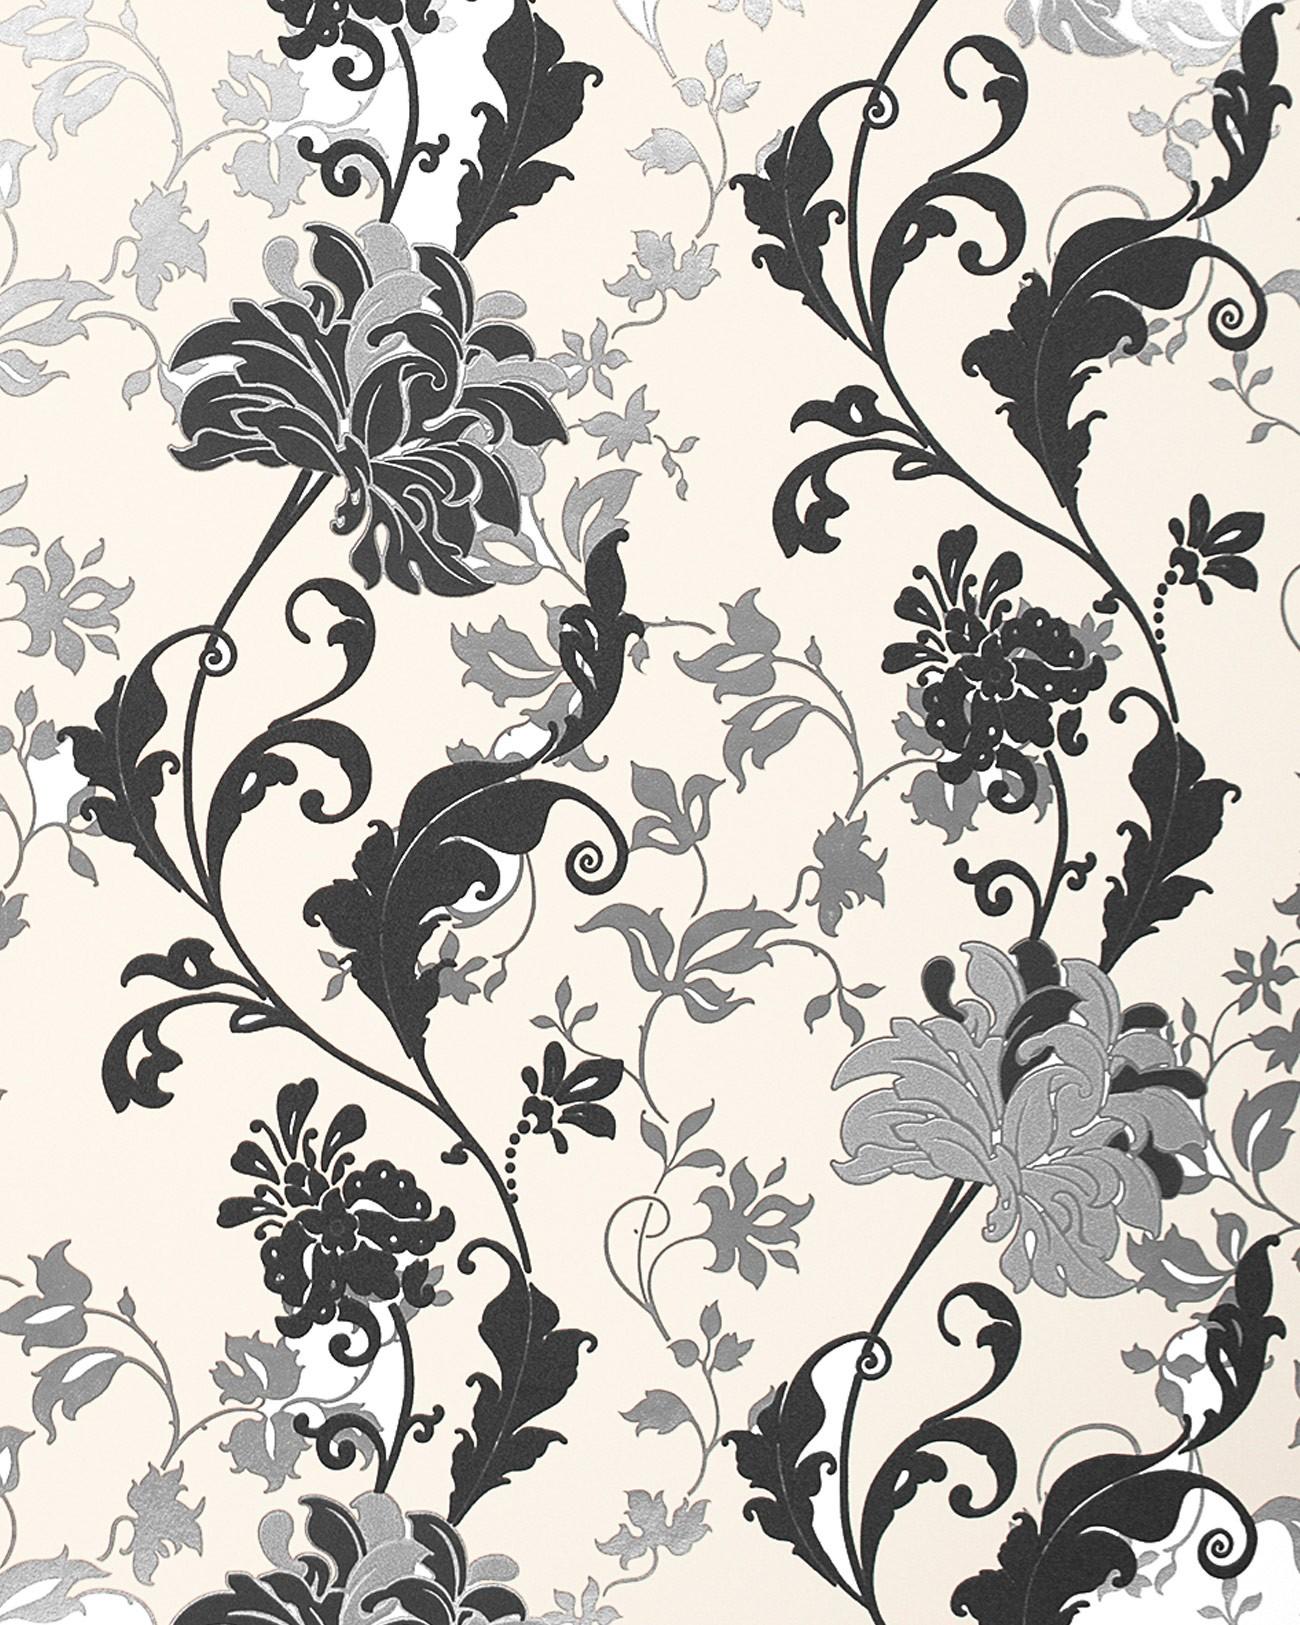 Papier Peint Floral Edem 833 20 Dessin Pr 233 Cieux Fleurs Et Feuilles Noir Blanc Argent Cr 232 Me 70 Cm